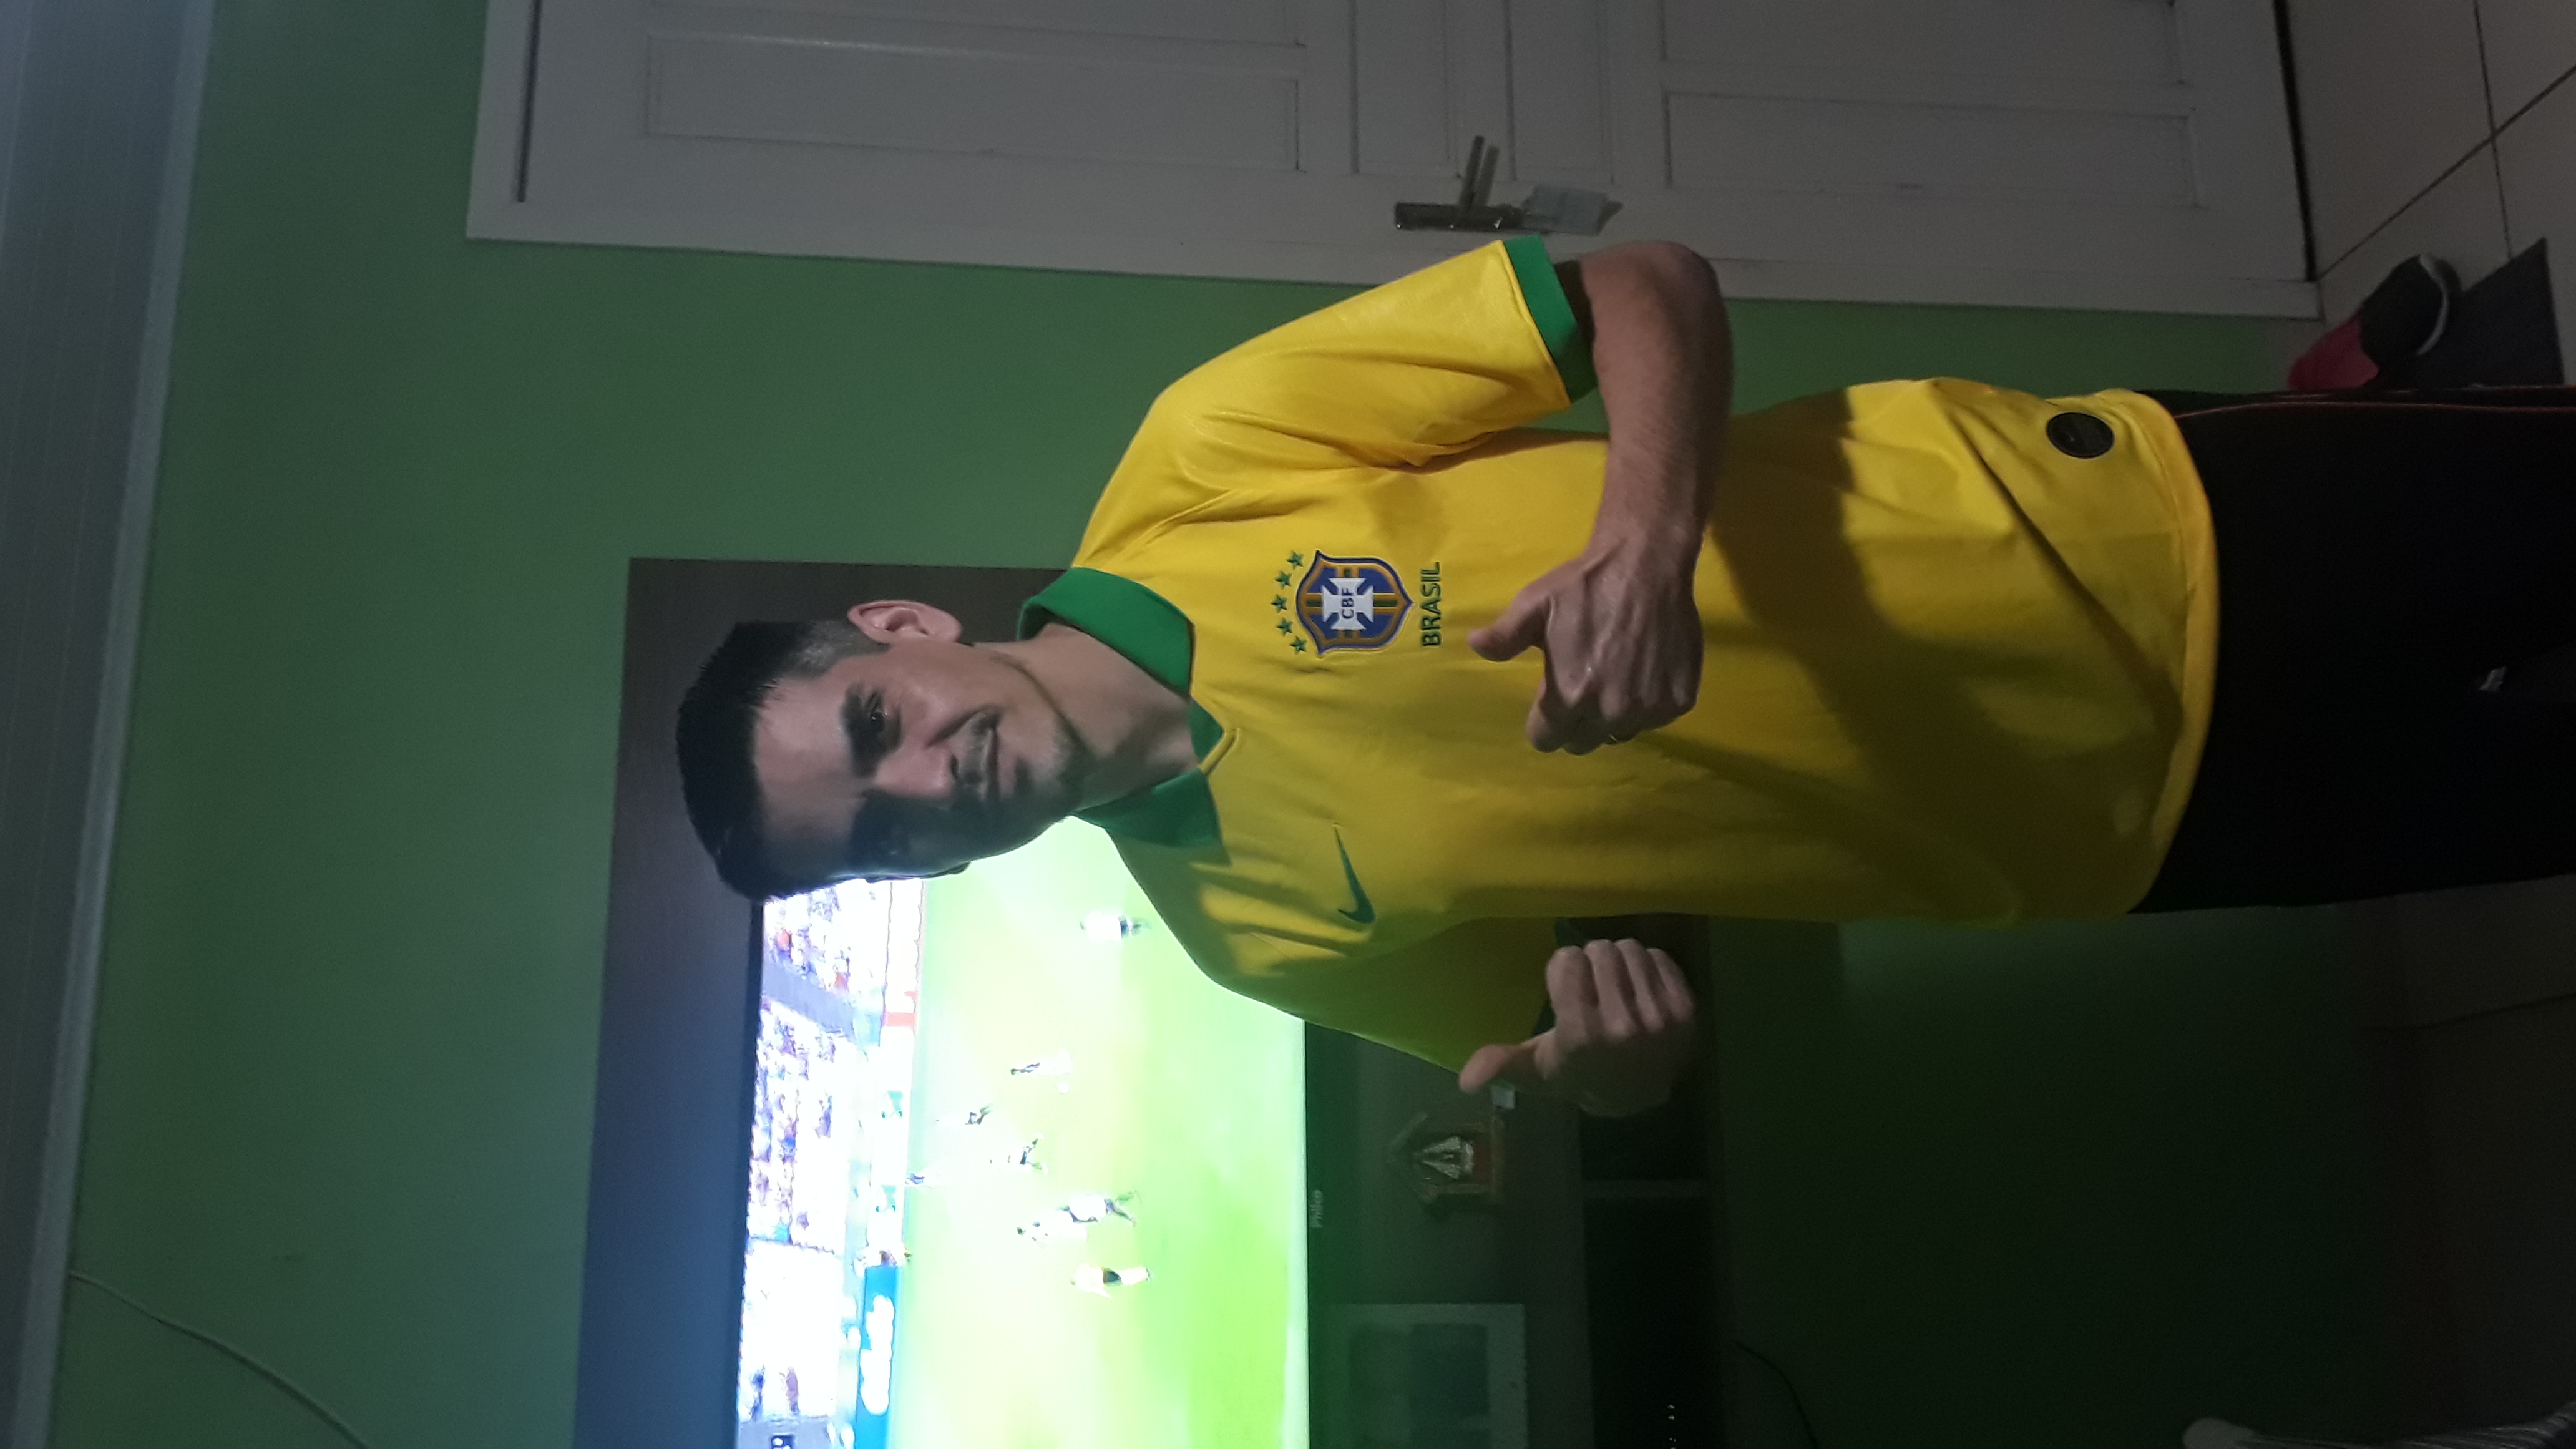 Evandro Gonsalves de Lima